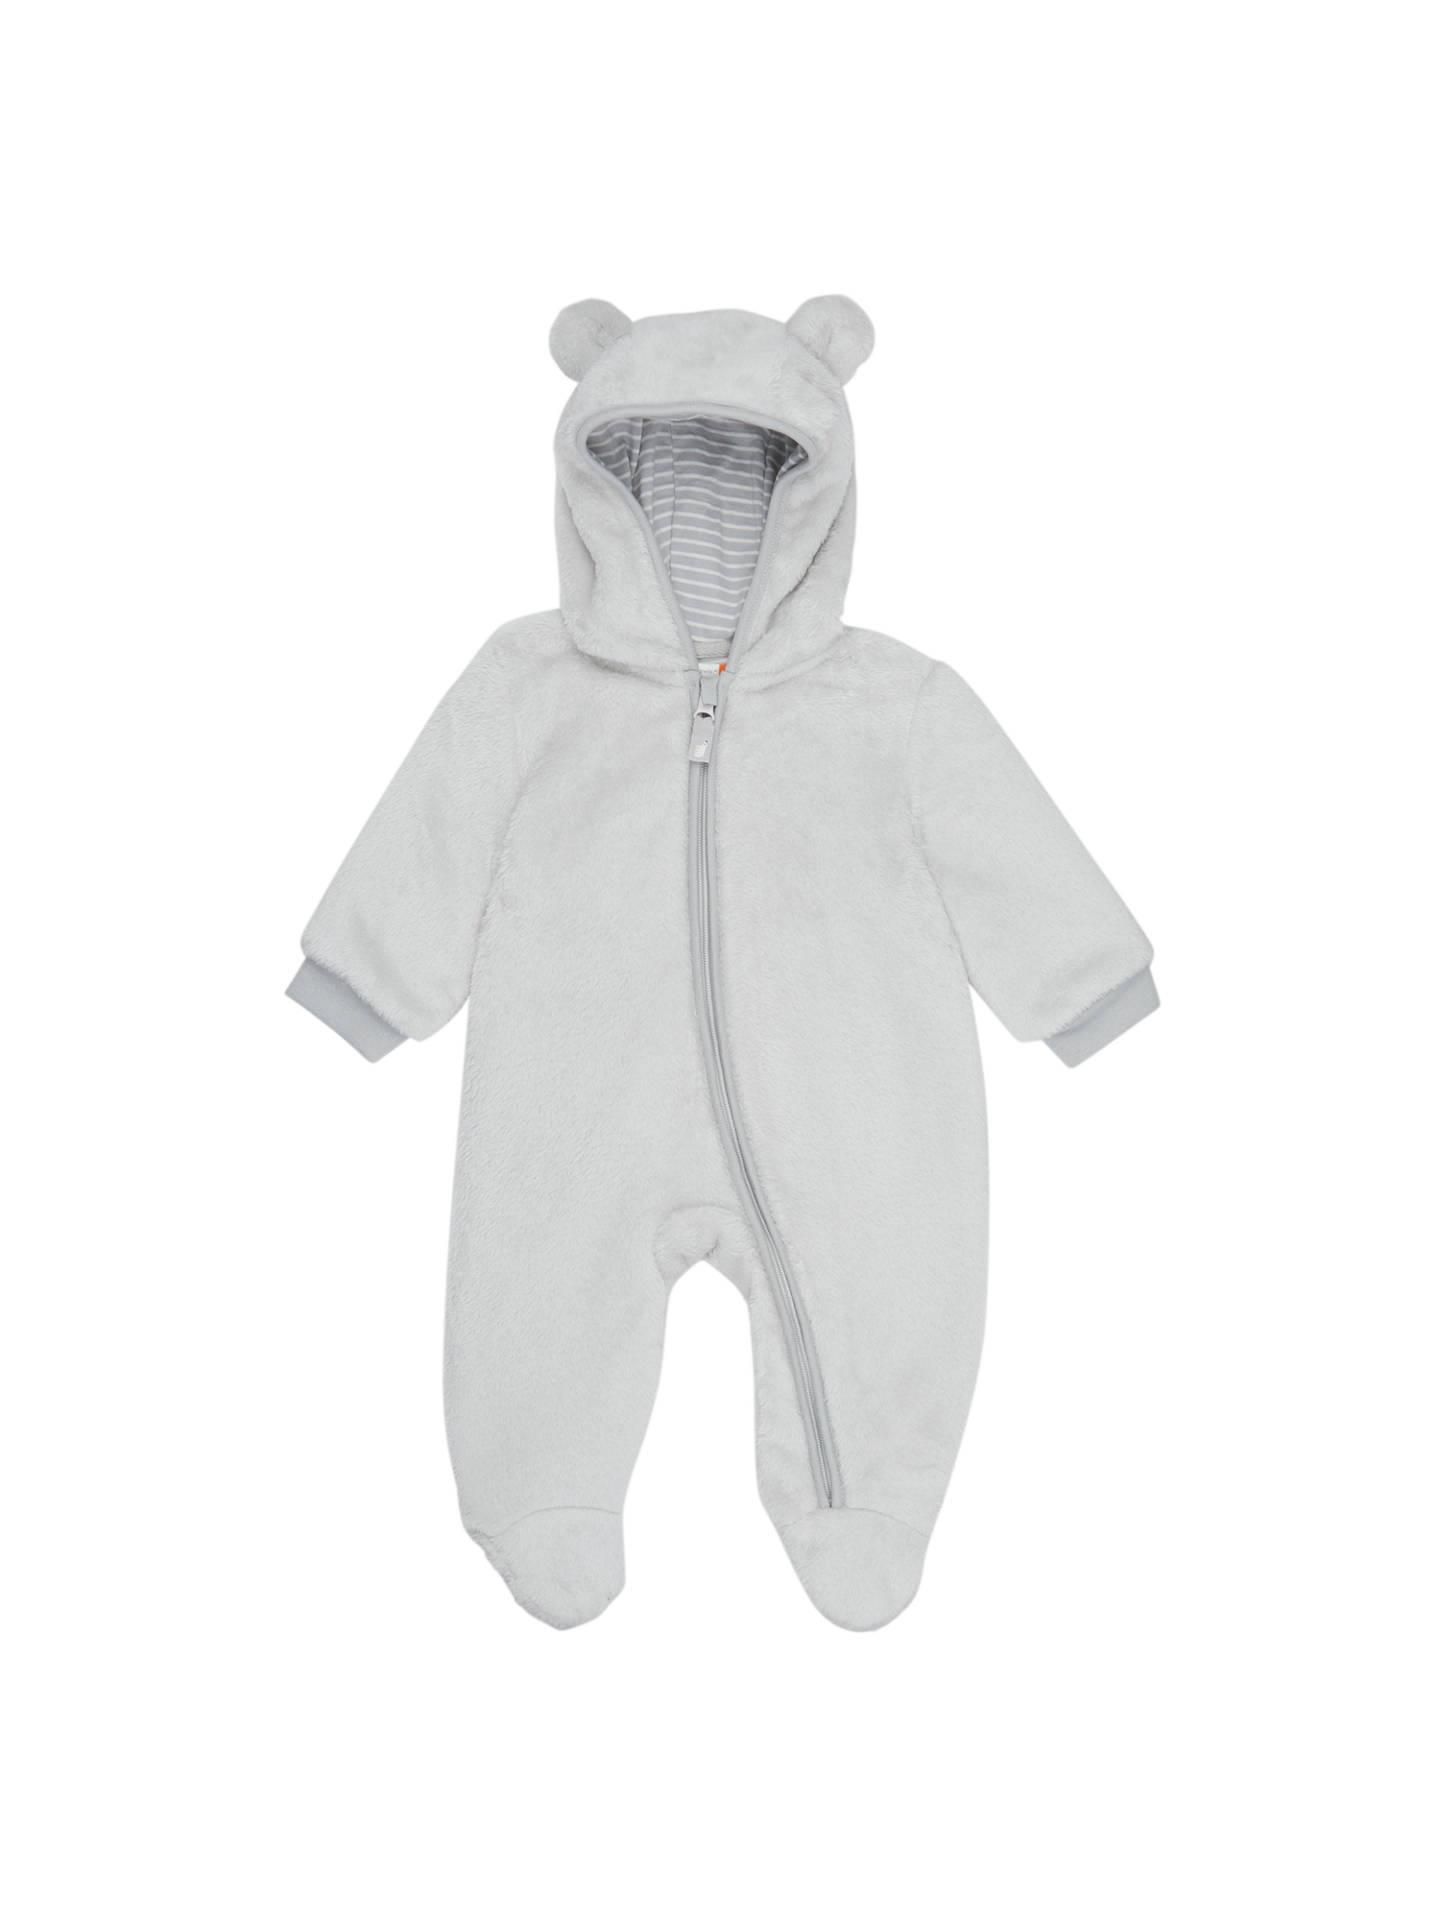 396eb6d24e4f John Lewis Baby Faux Fur Snowsuit